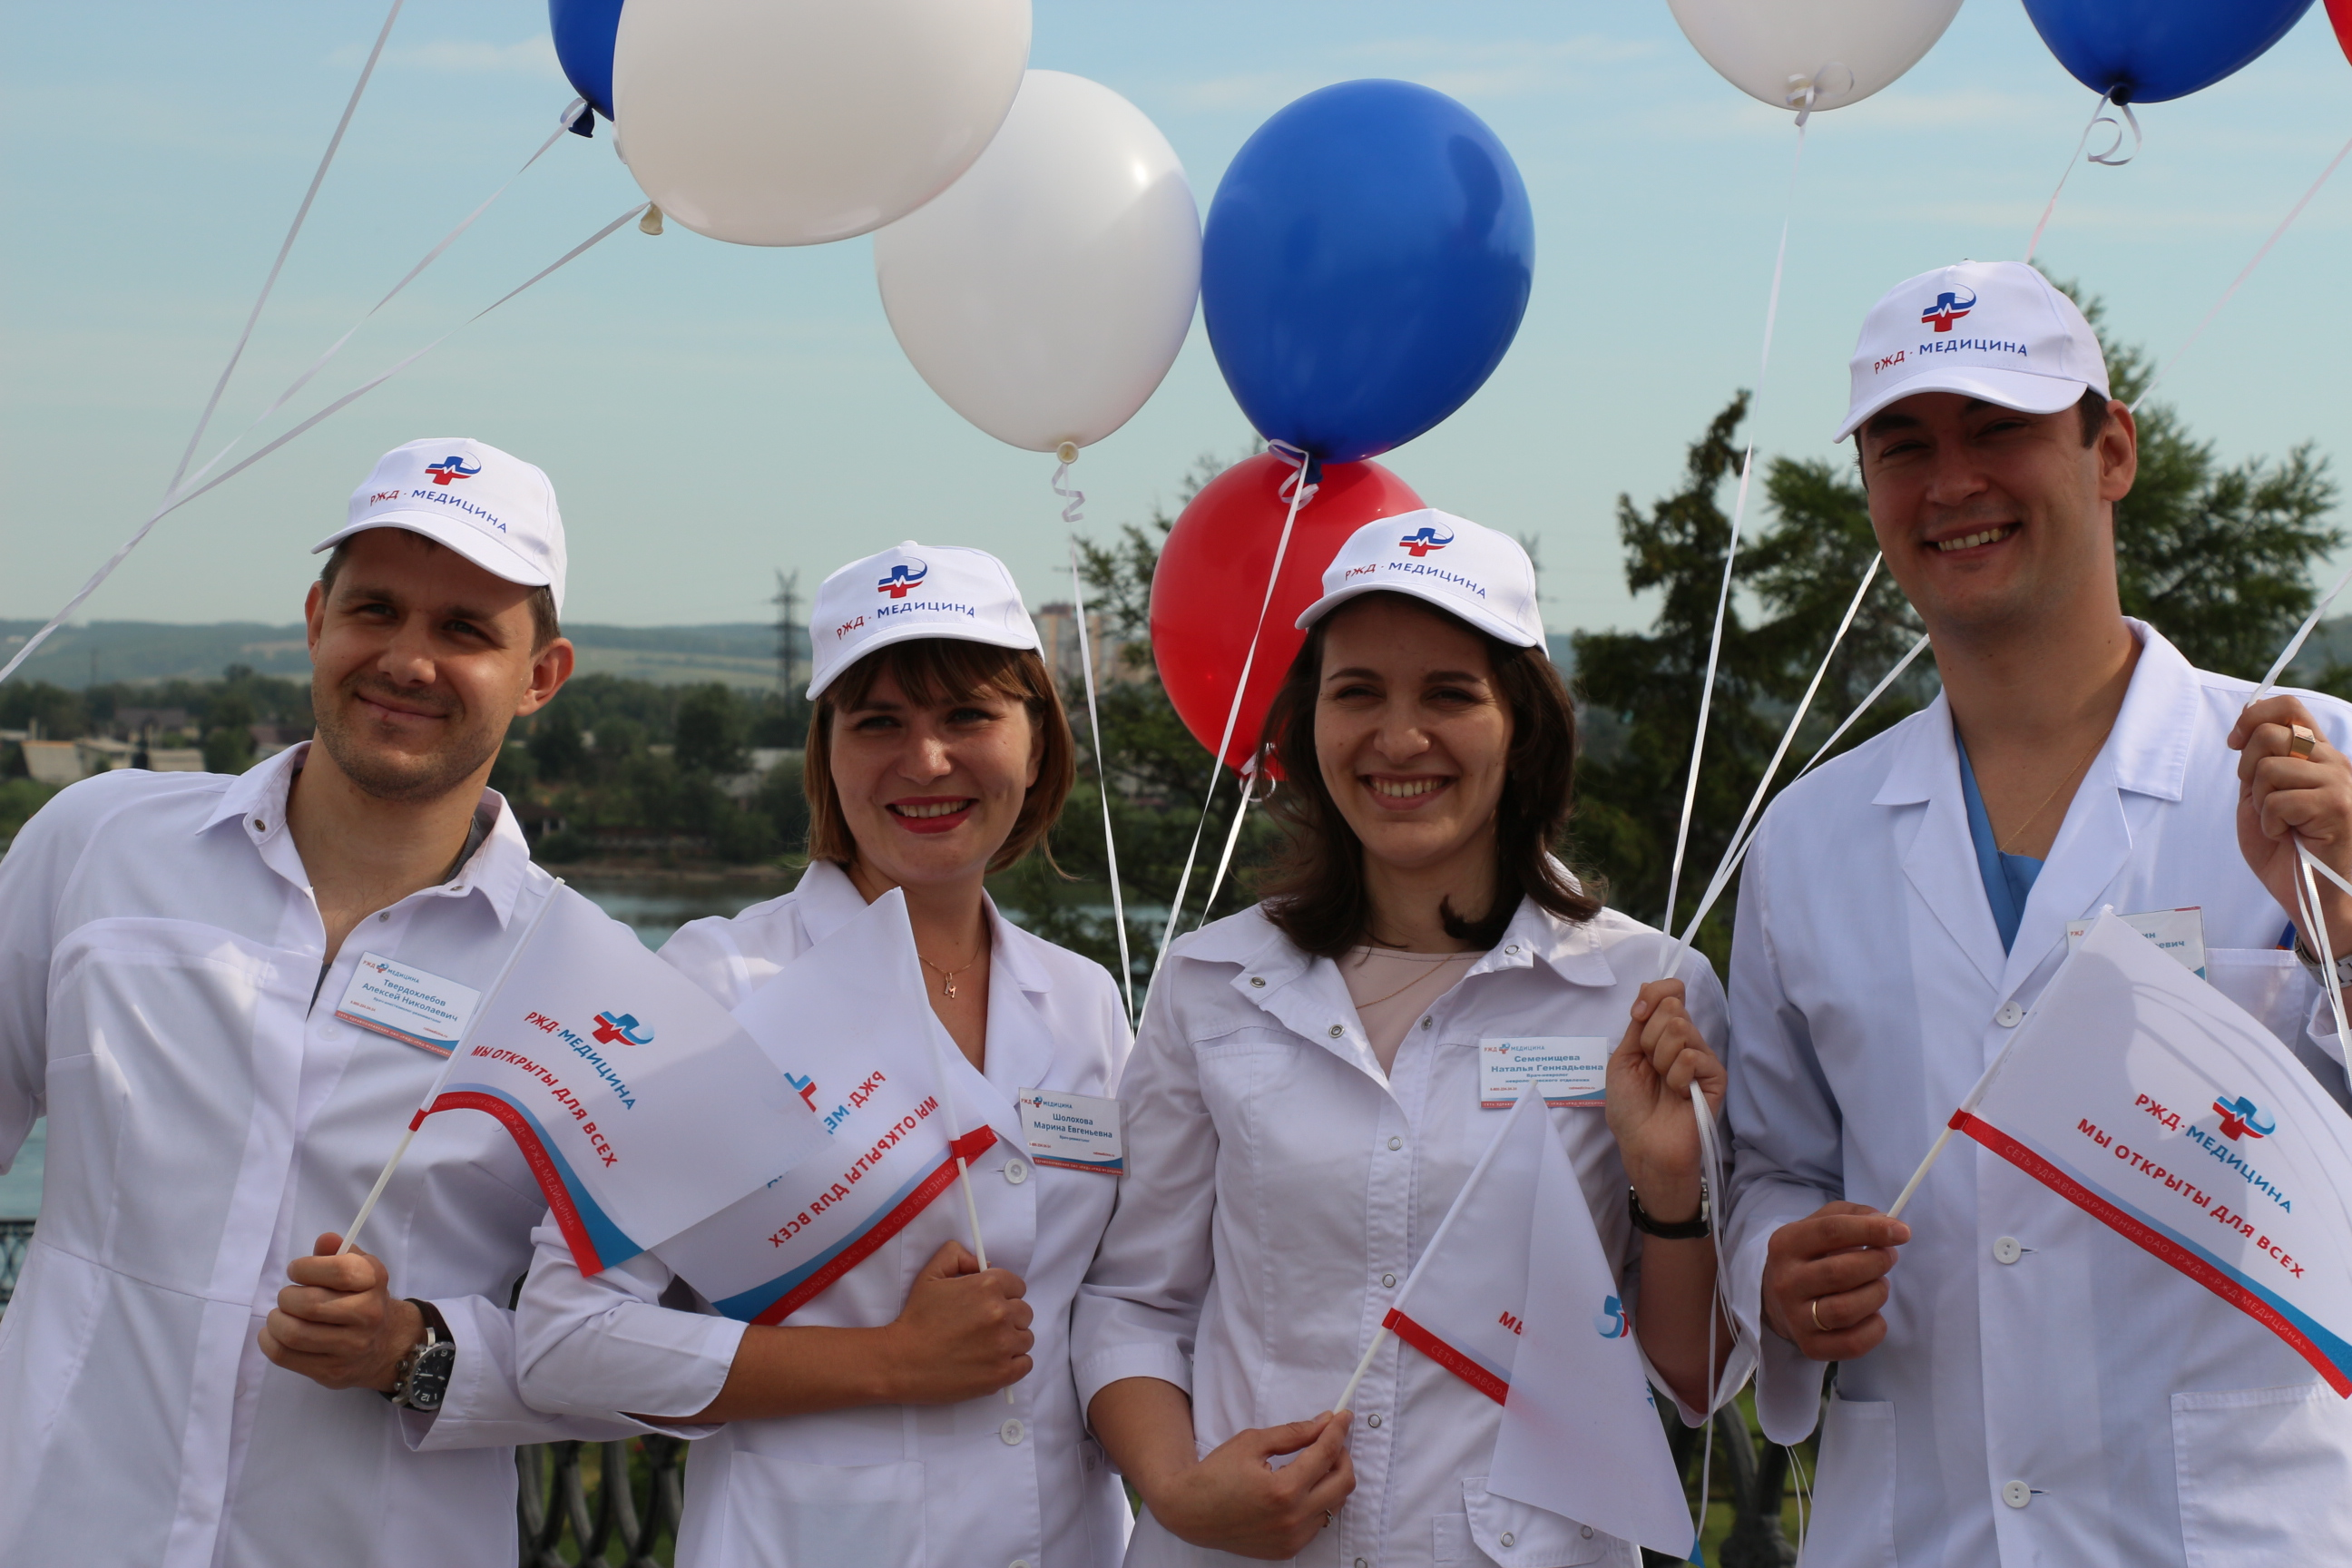 В России впервые будет организована массовая акция по оказанию первой помощи